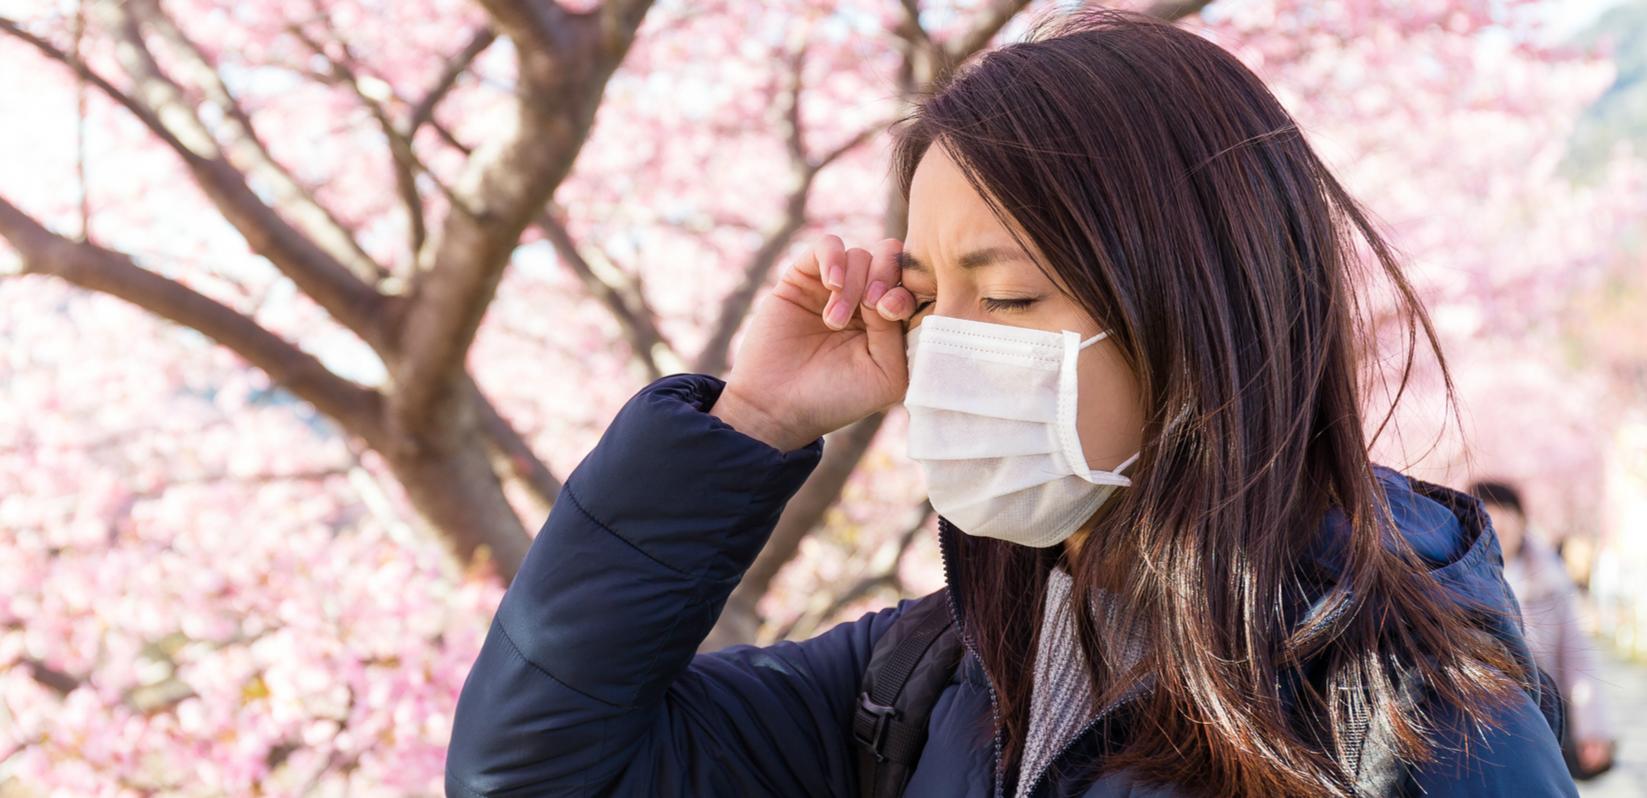 眼睛乾癢恐是空氣污染惹禍!巧用人工淚液保養